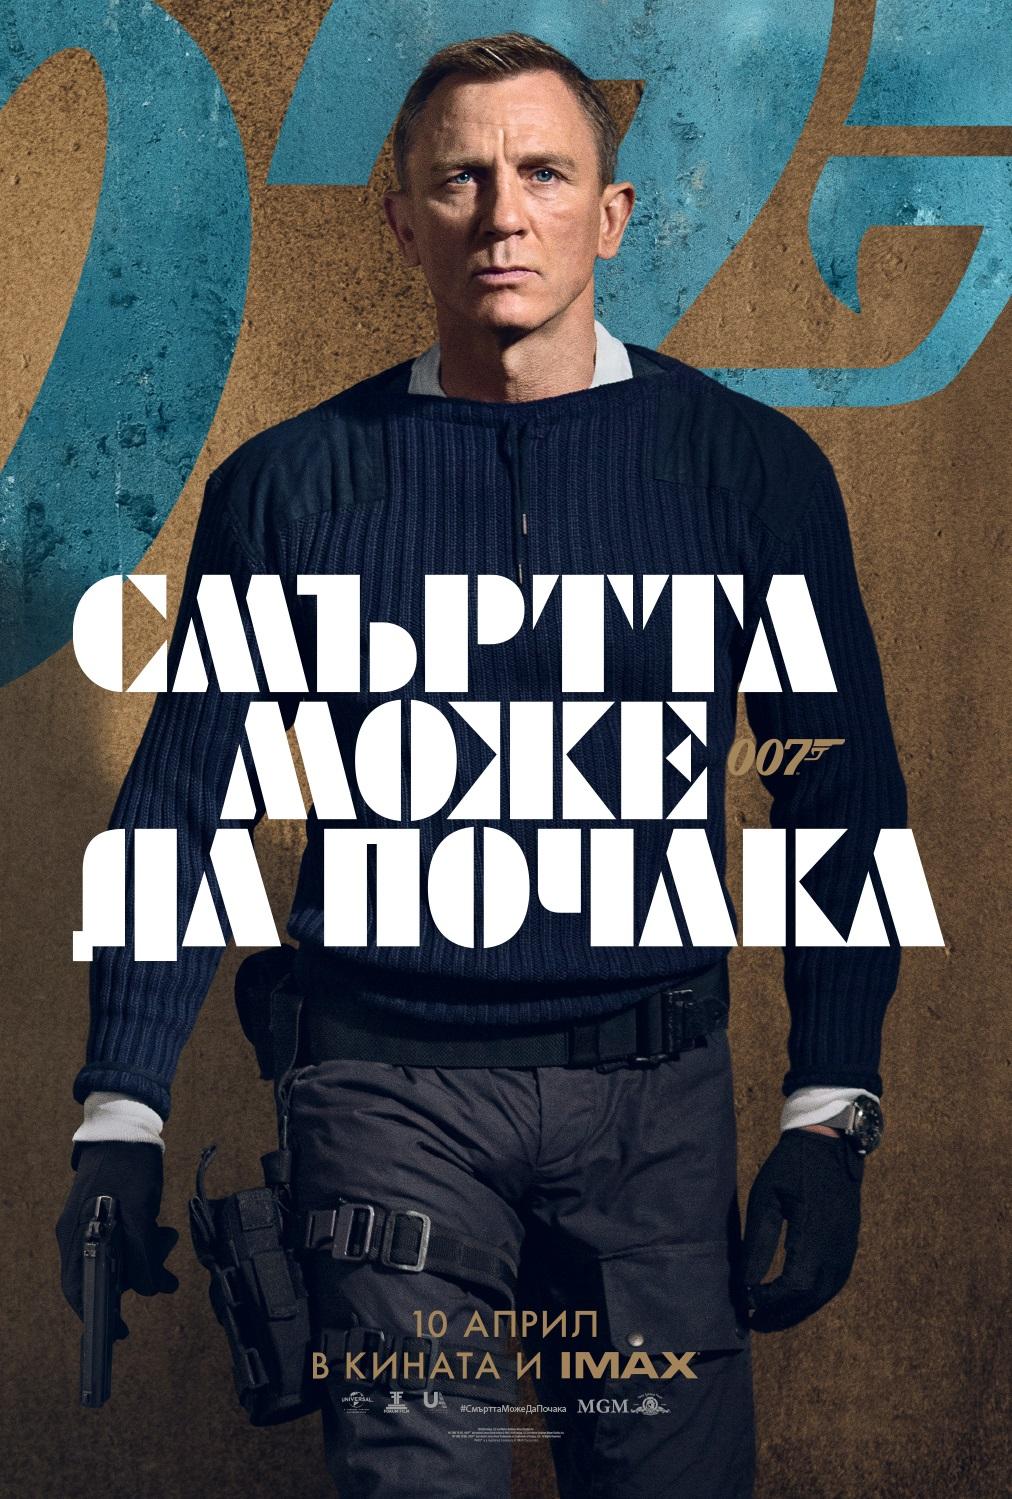 <p>Вече е факт първият тийзър&nbsp;към новата серия от култовата поредица за Джеймс Бонд.</p>  <p>&nbsp;</p>